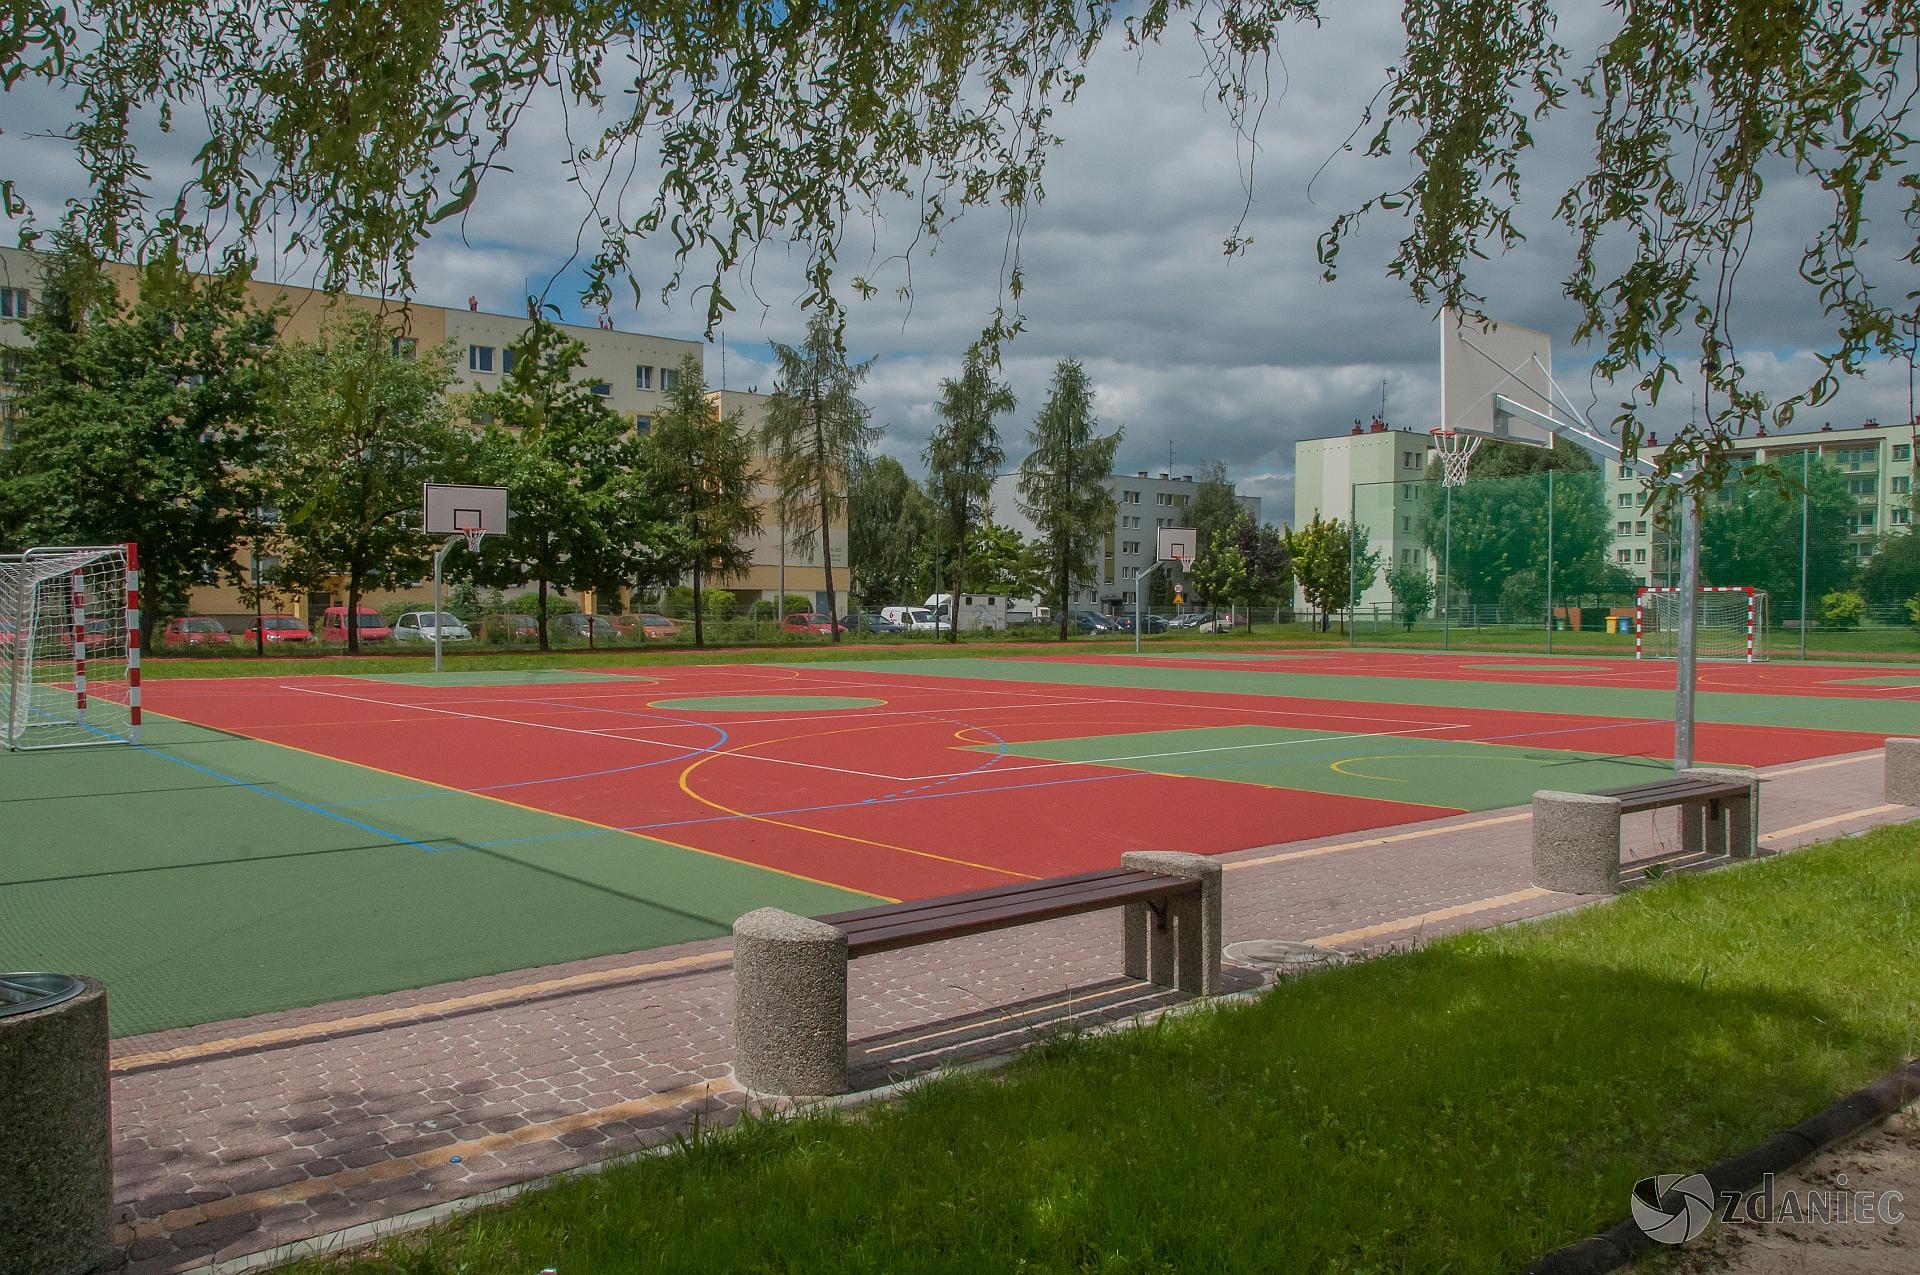 inwestycje i remonty w gliwickiej oświacie - powstały 4 nowe boiska!